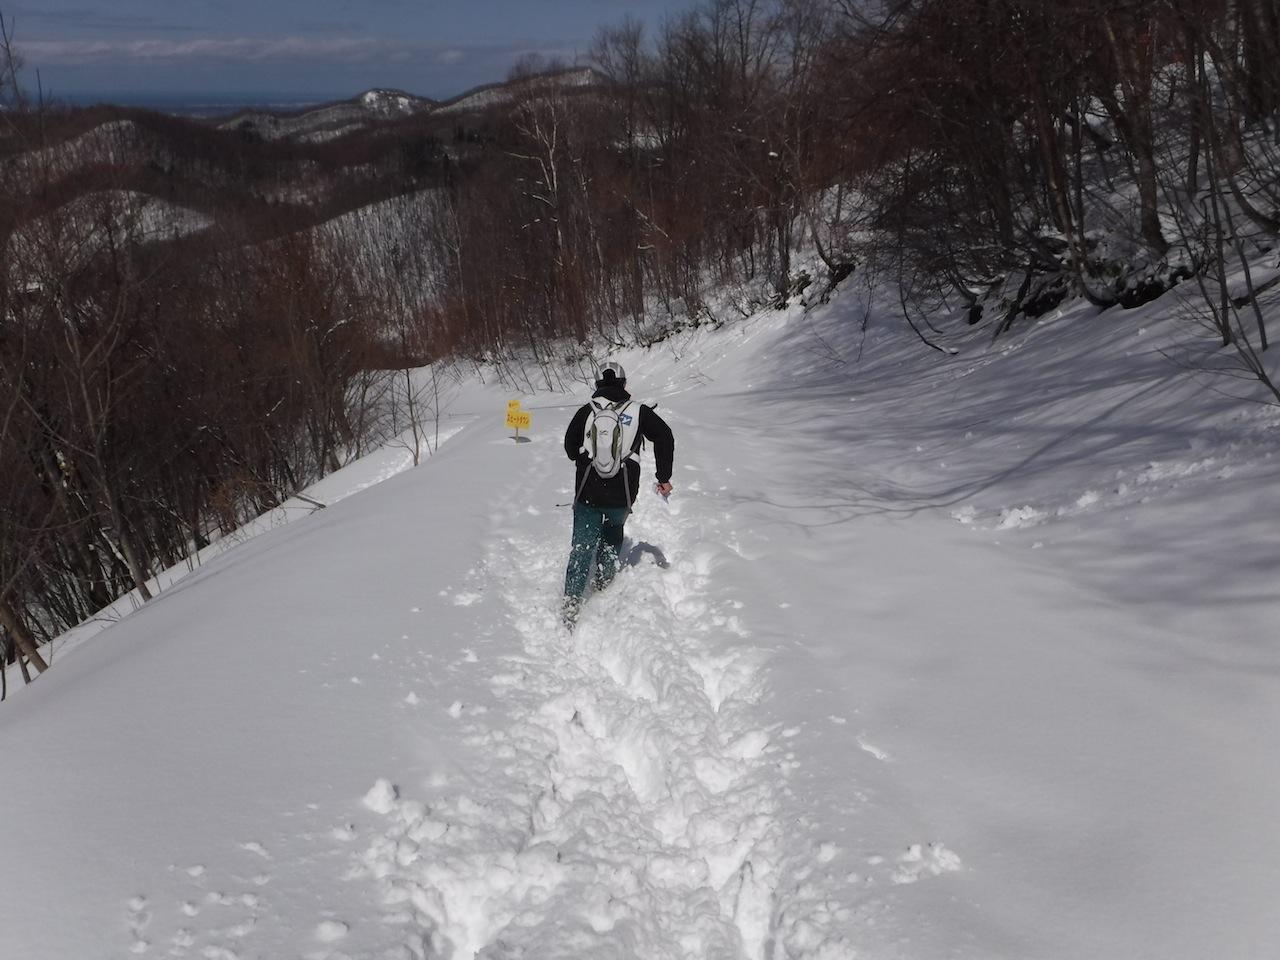 山岳スキーレース&ゲレンデスロープラン 2本立て!!_d0198793_1757818.jpg